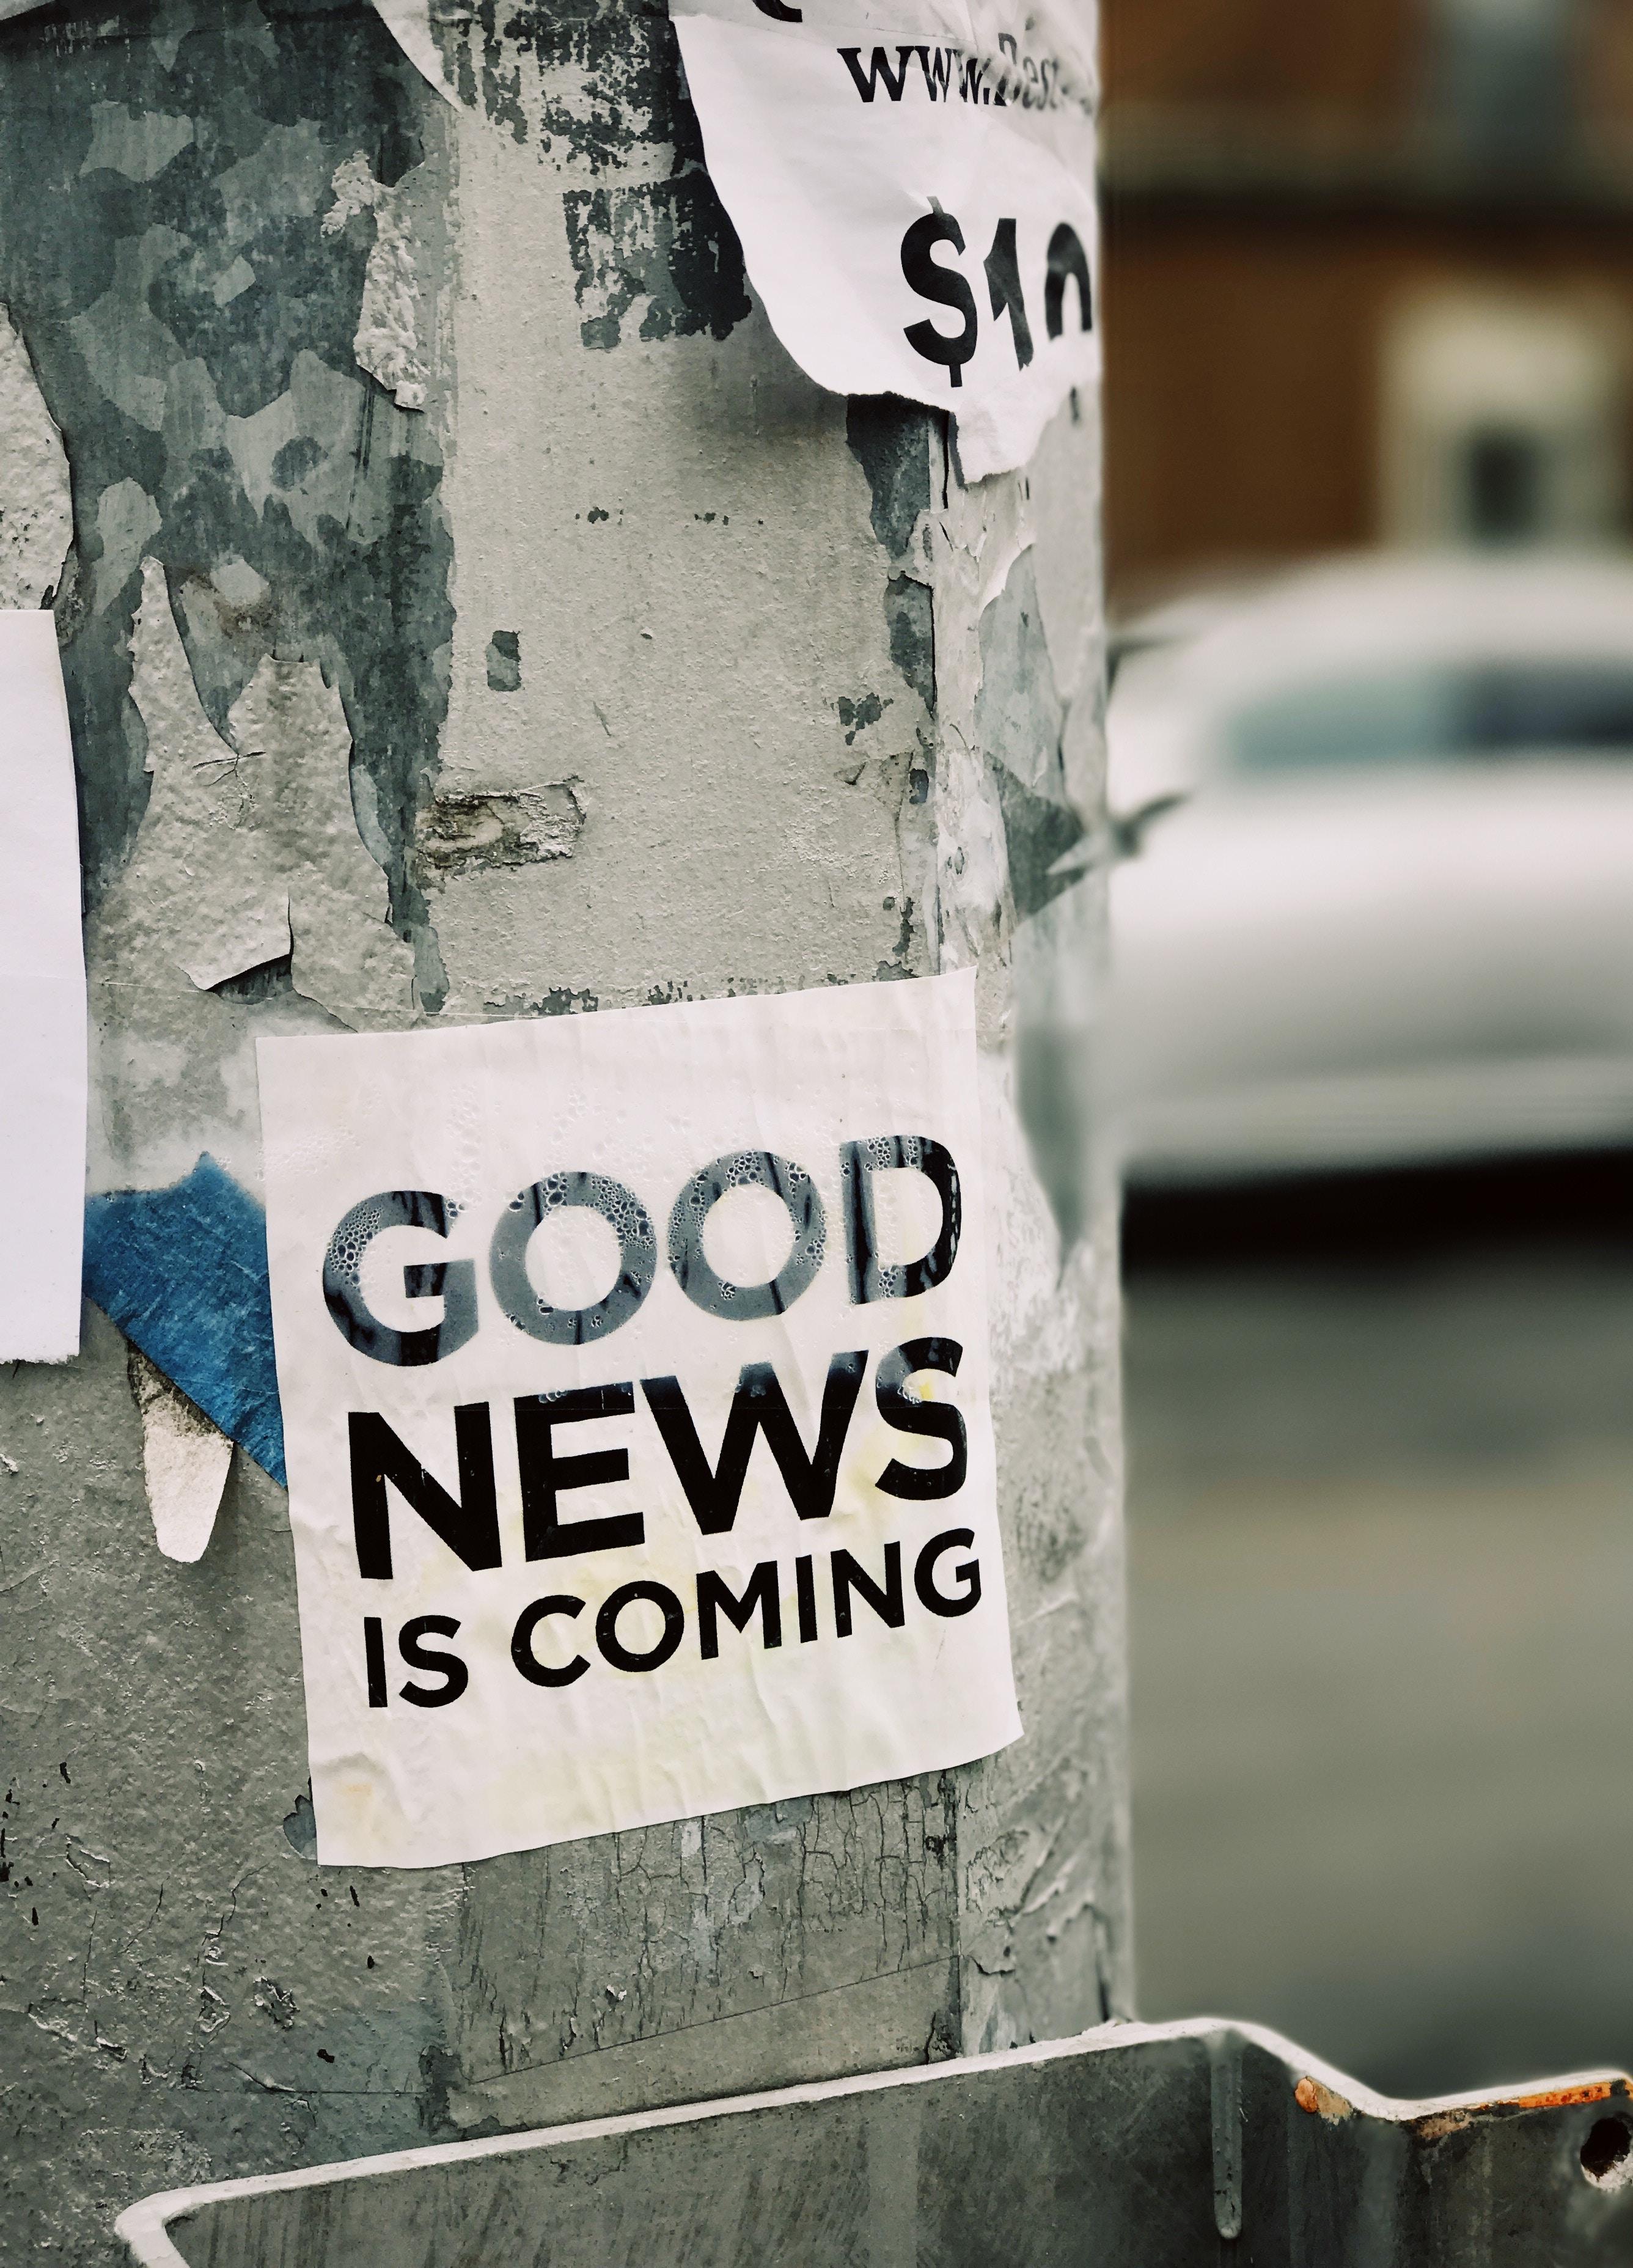 Good News: CMF kooperiert mit OMR